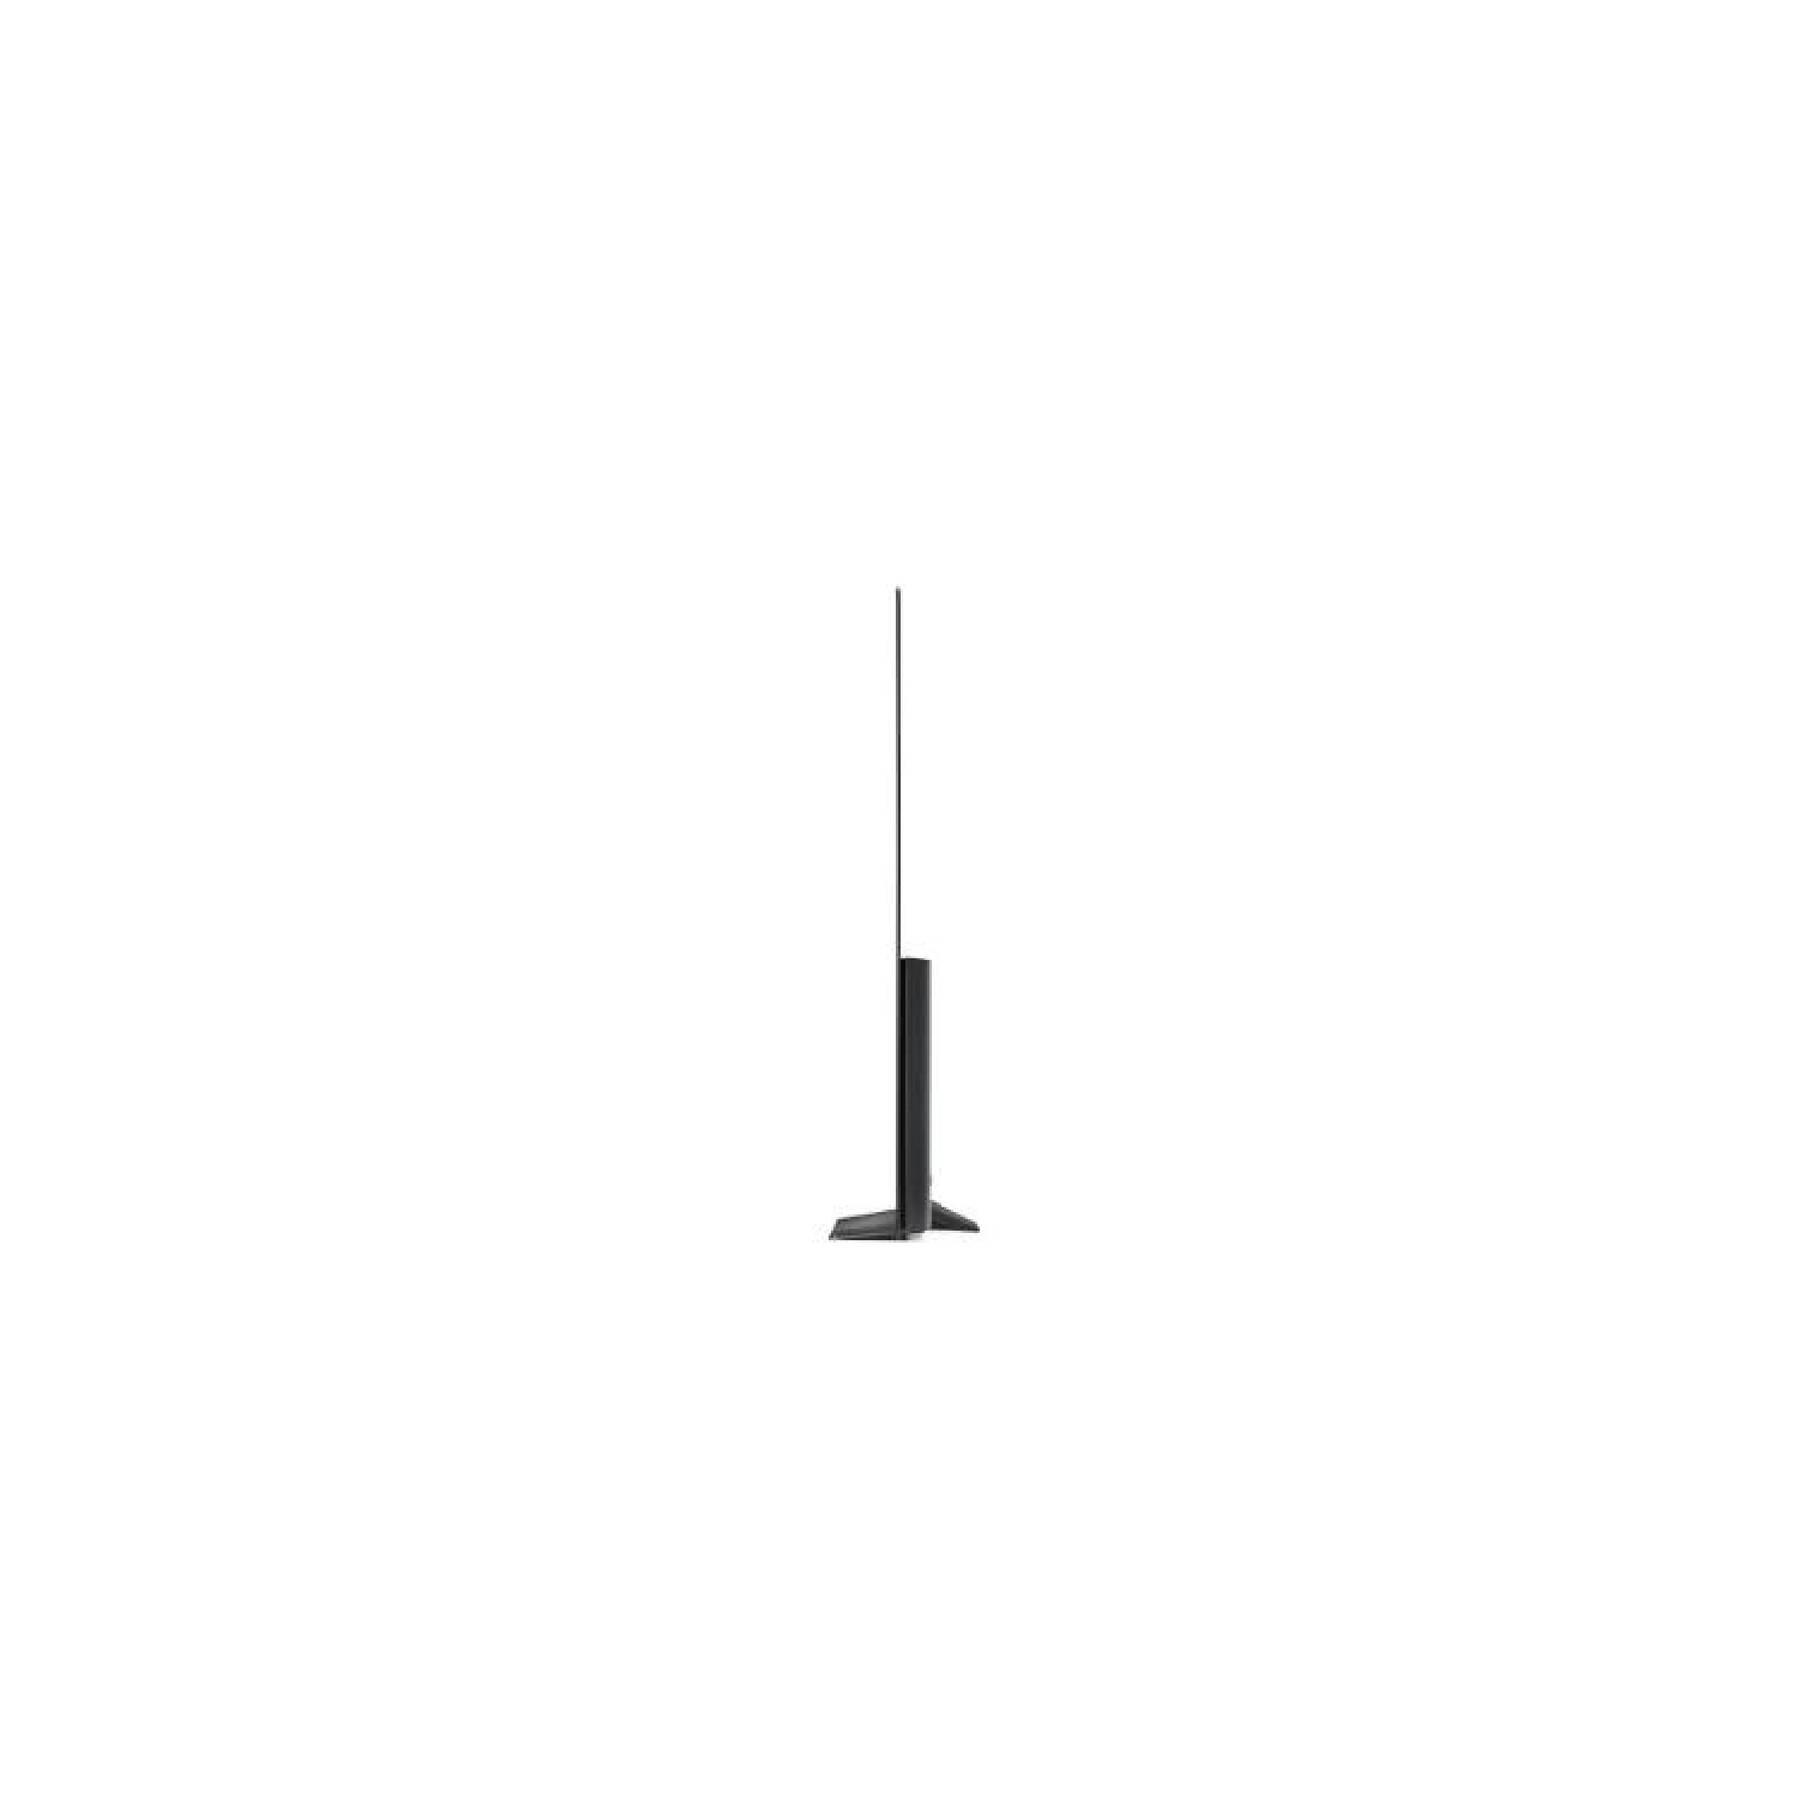 Smart televizor LG 75NANO793NF - Televizori - TV i audio